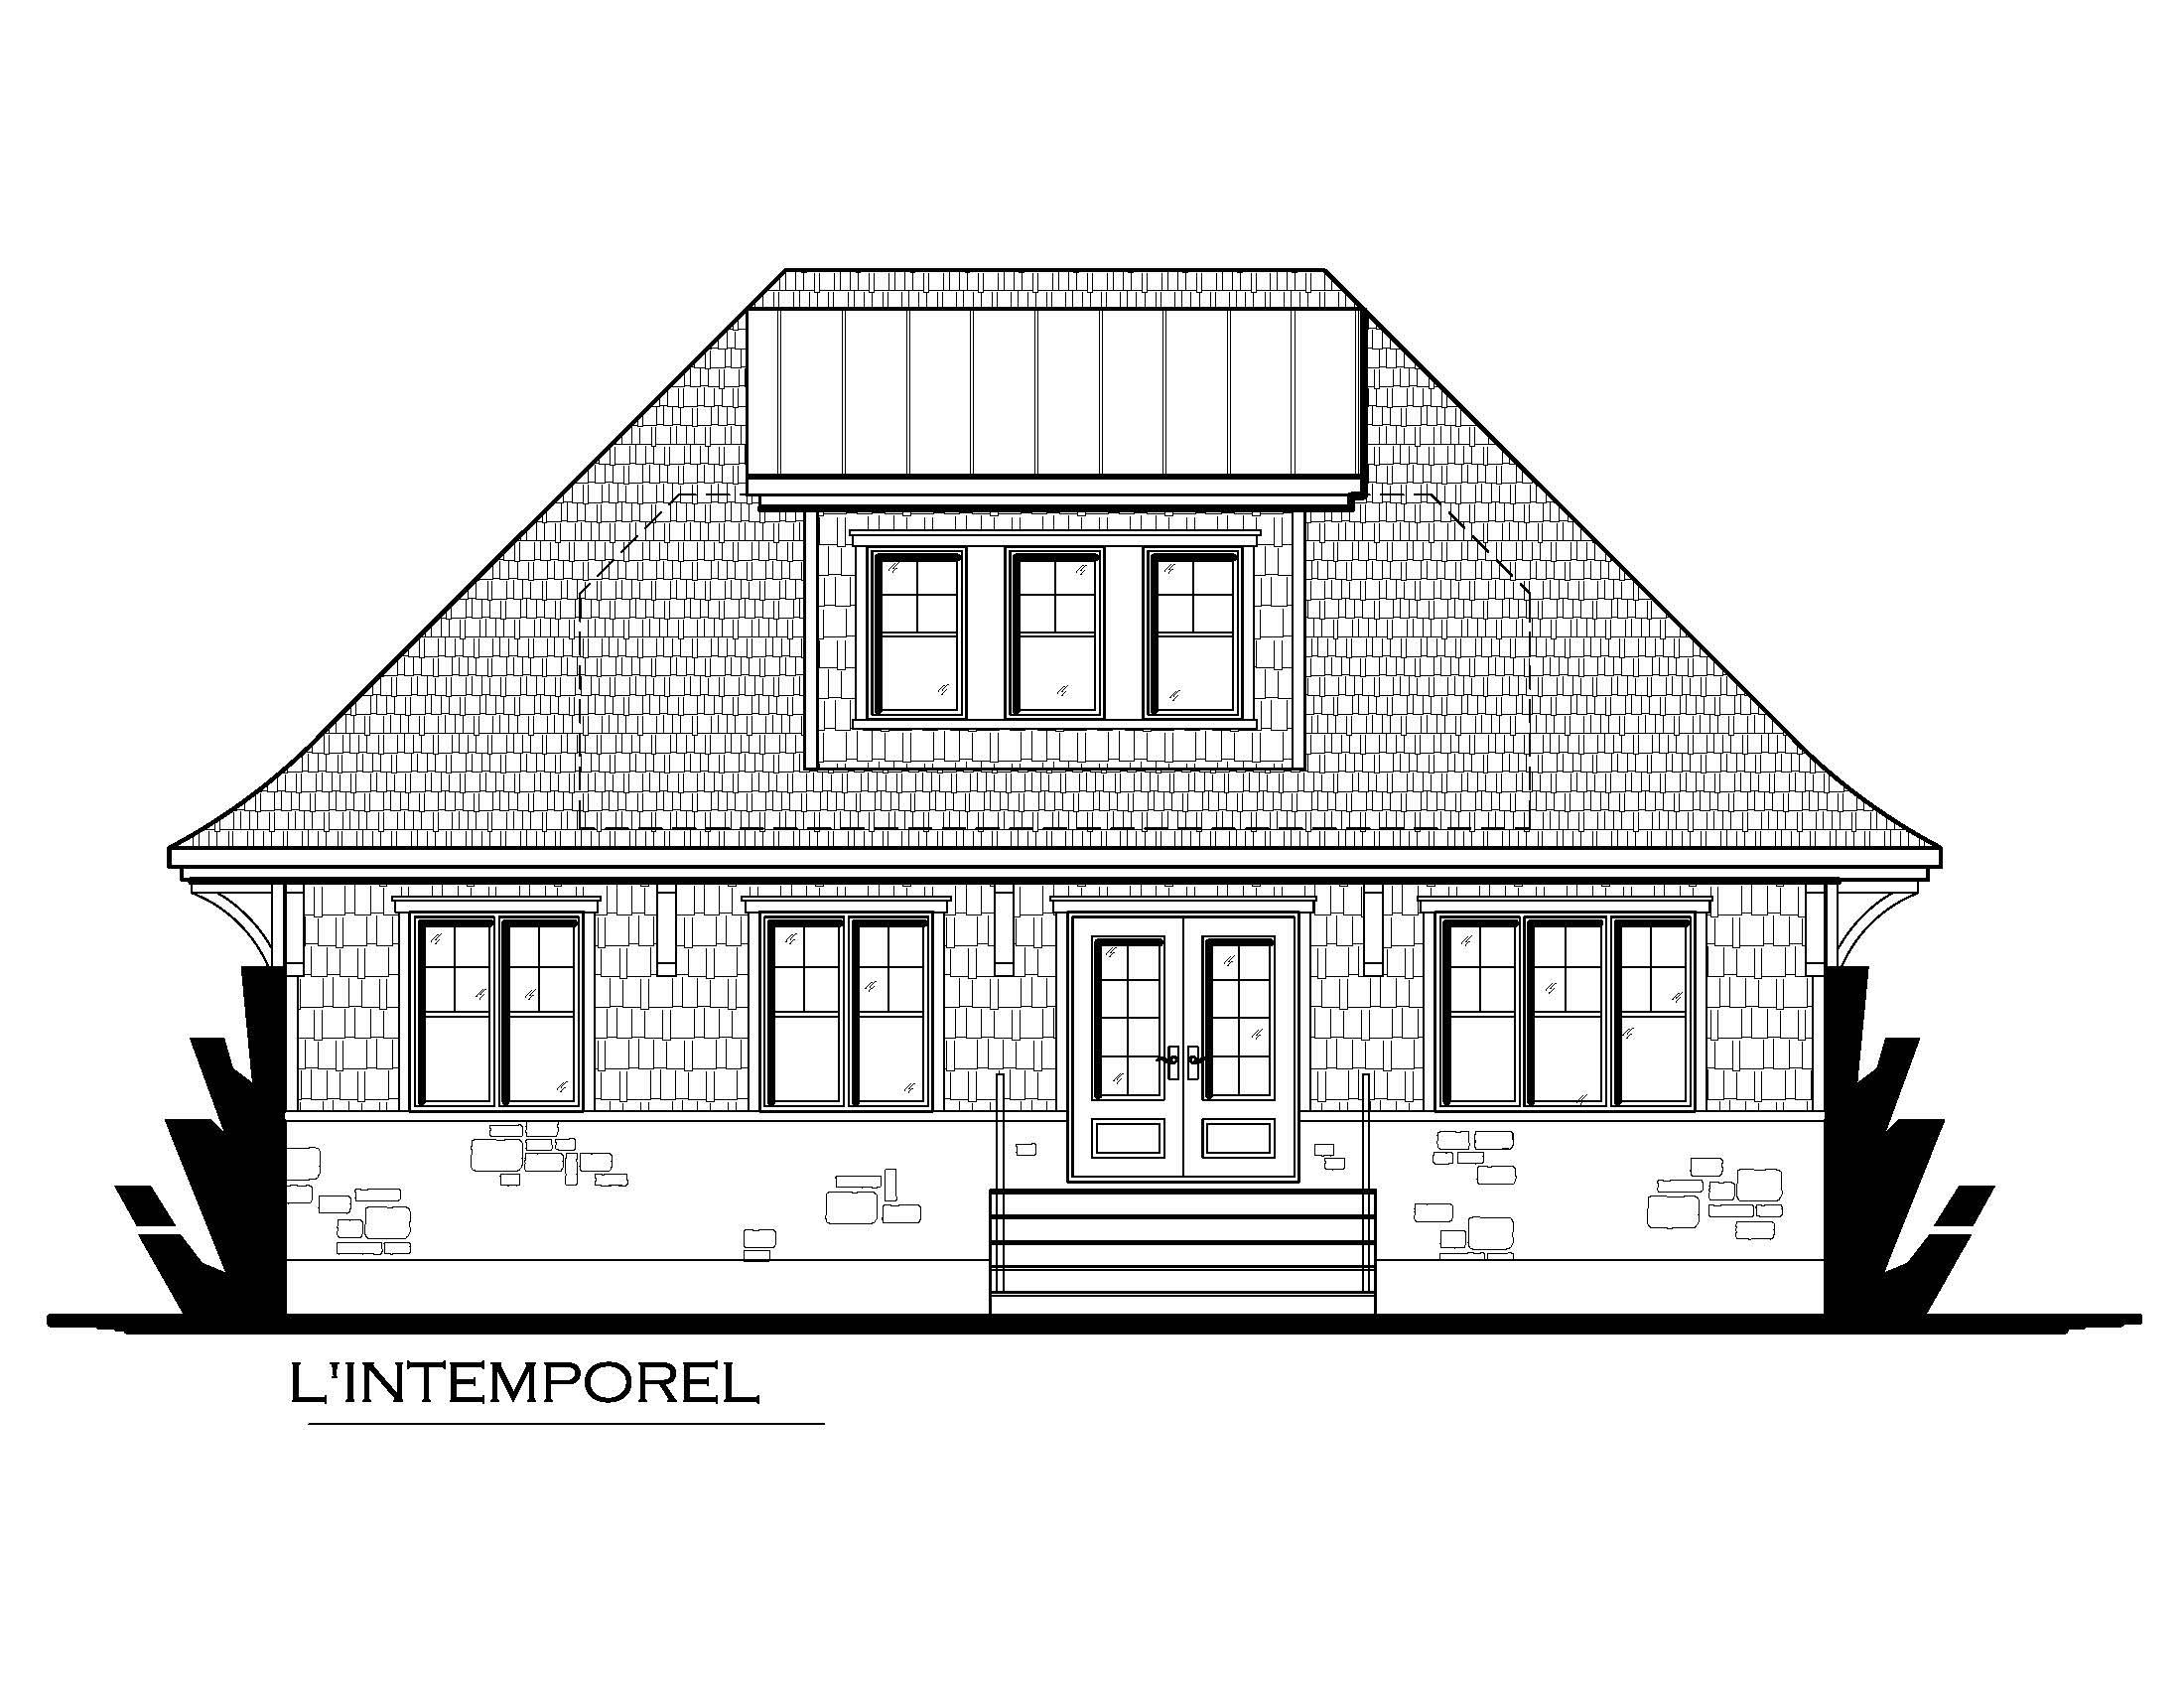 L 39 intemporel dessin design architecture for Dessin architecture maison